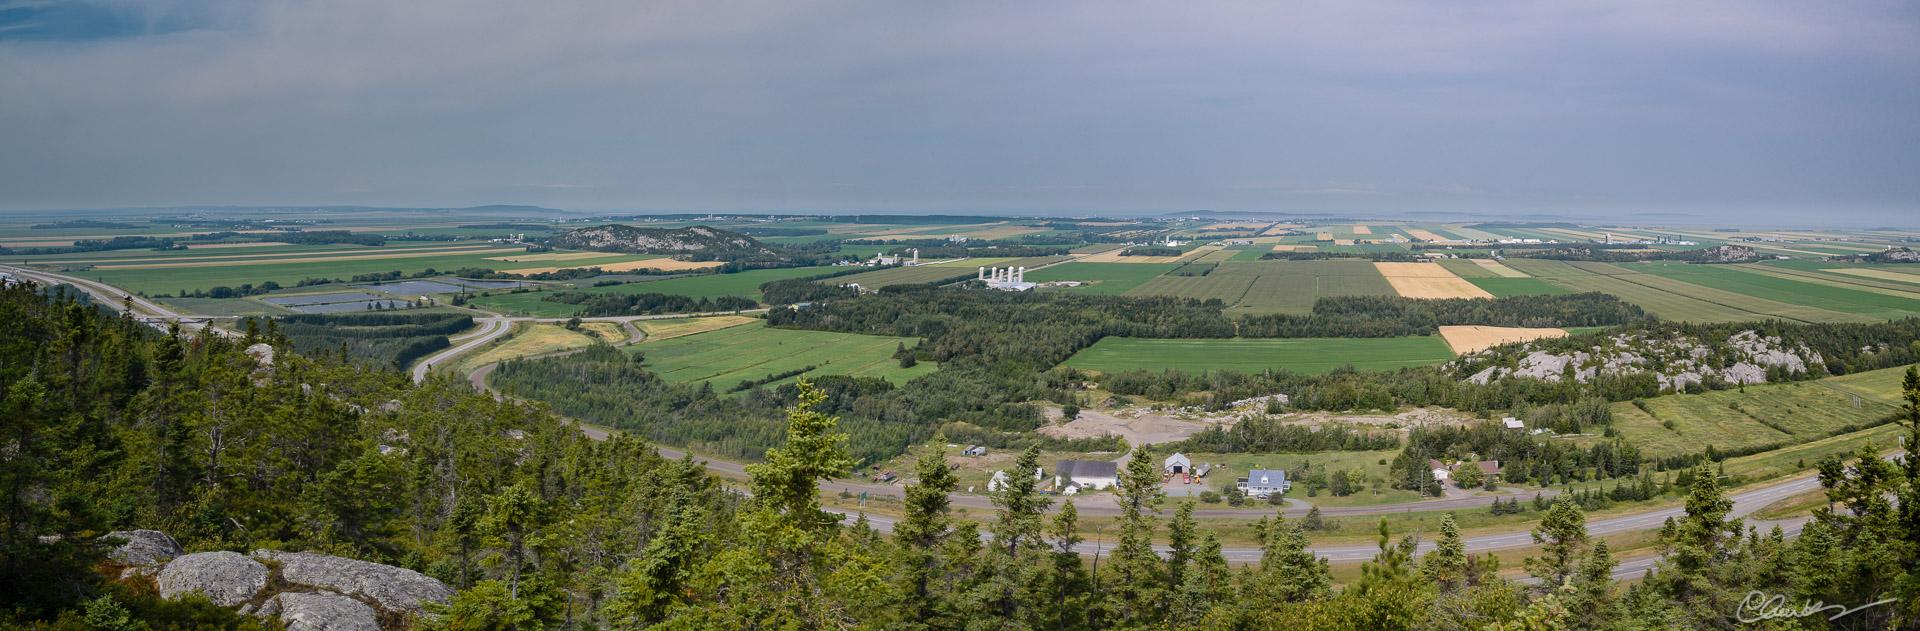 La plaine de Kamouraska (de la montagne à Coton) / Kamouraska landscape (from Coton bute)